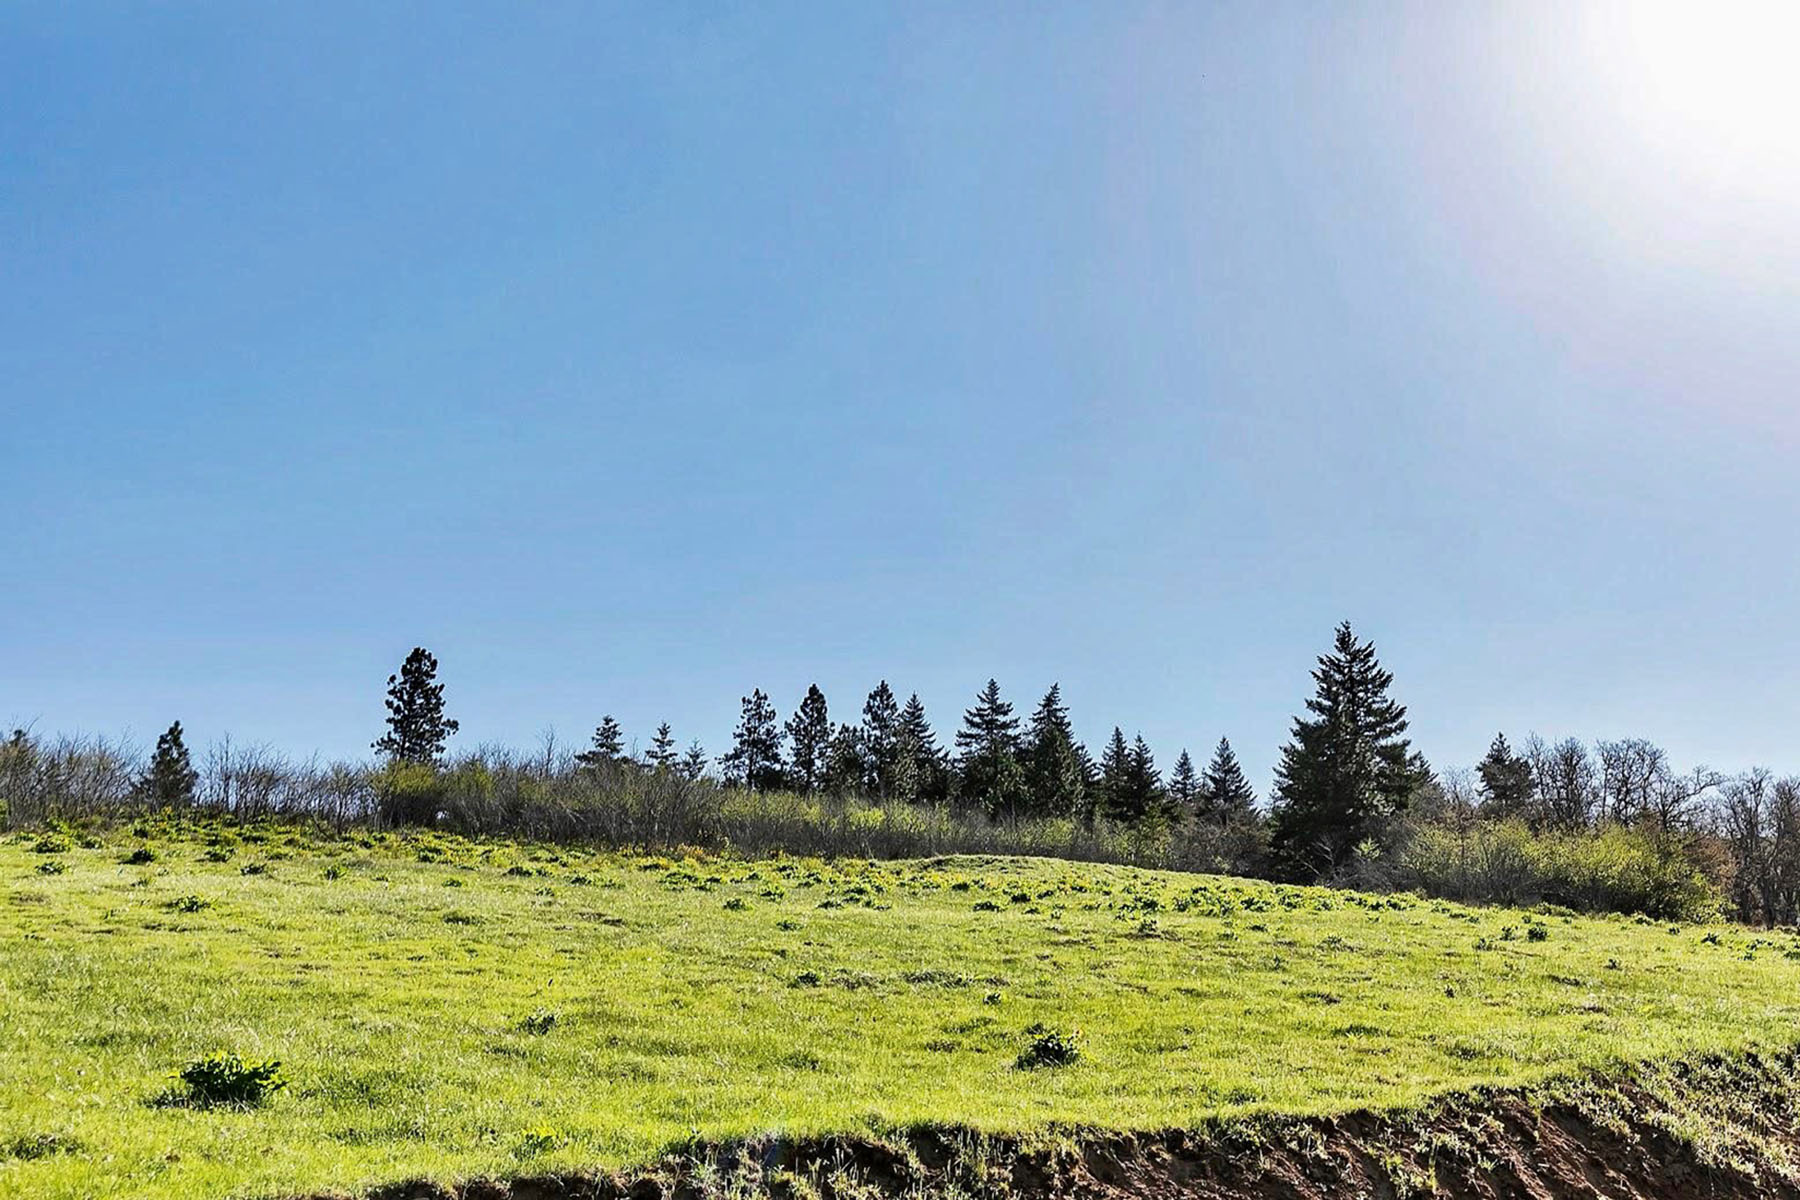 Land for Active at 1218 Hidden Oaks DR 14 Hood River, OR 97031 1218 Hidden Oaks DR 14 Hood River, Oregon 97031 United States